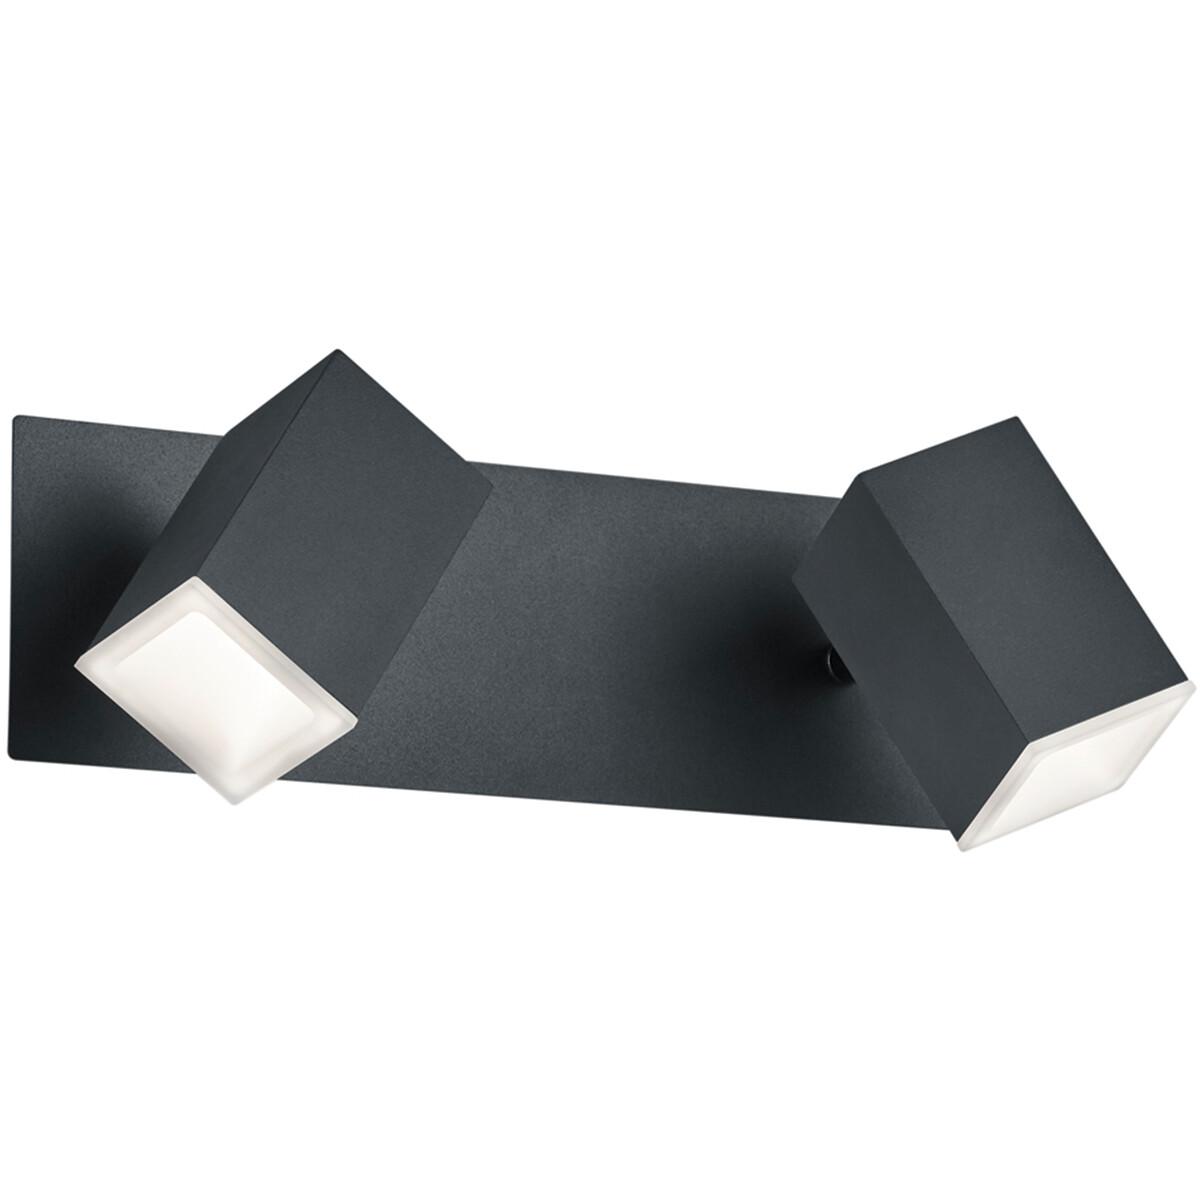 LED Wandspot - Trion Laginos - 12W - Warm Wit 3000K - 2-lichts - Rechthoek - Mat Zwart - Aluminium